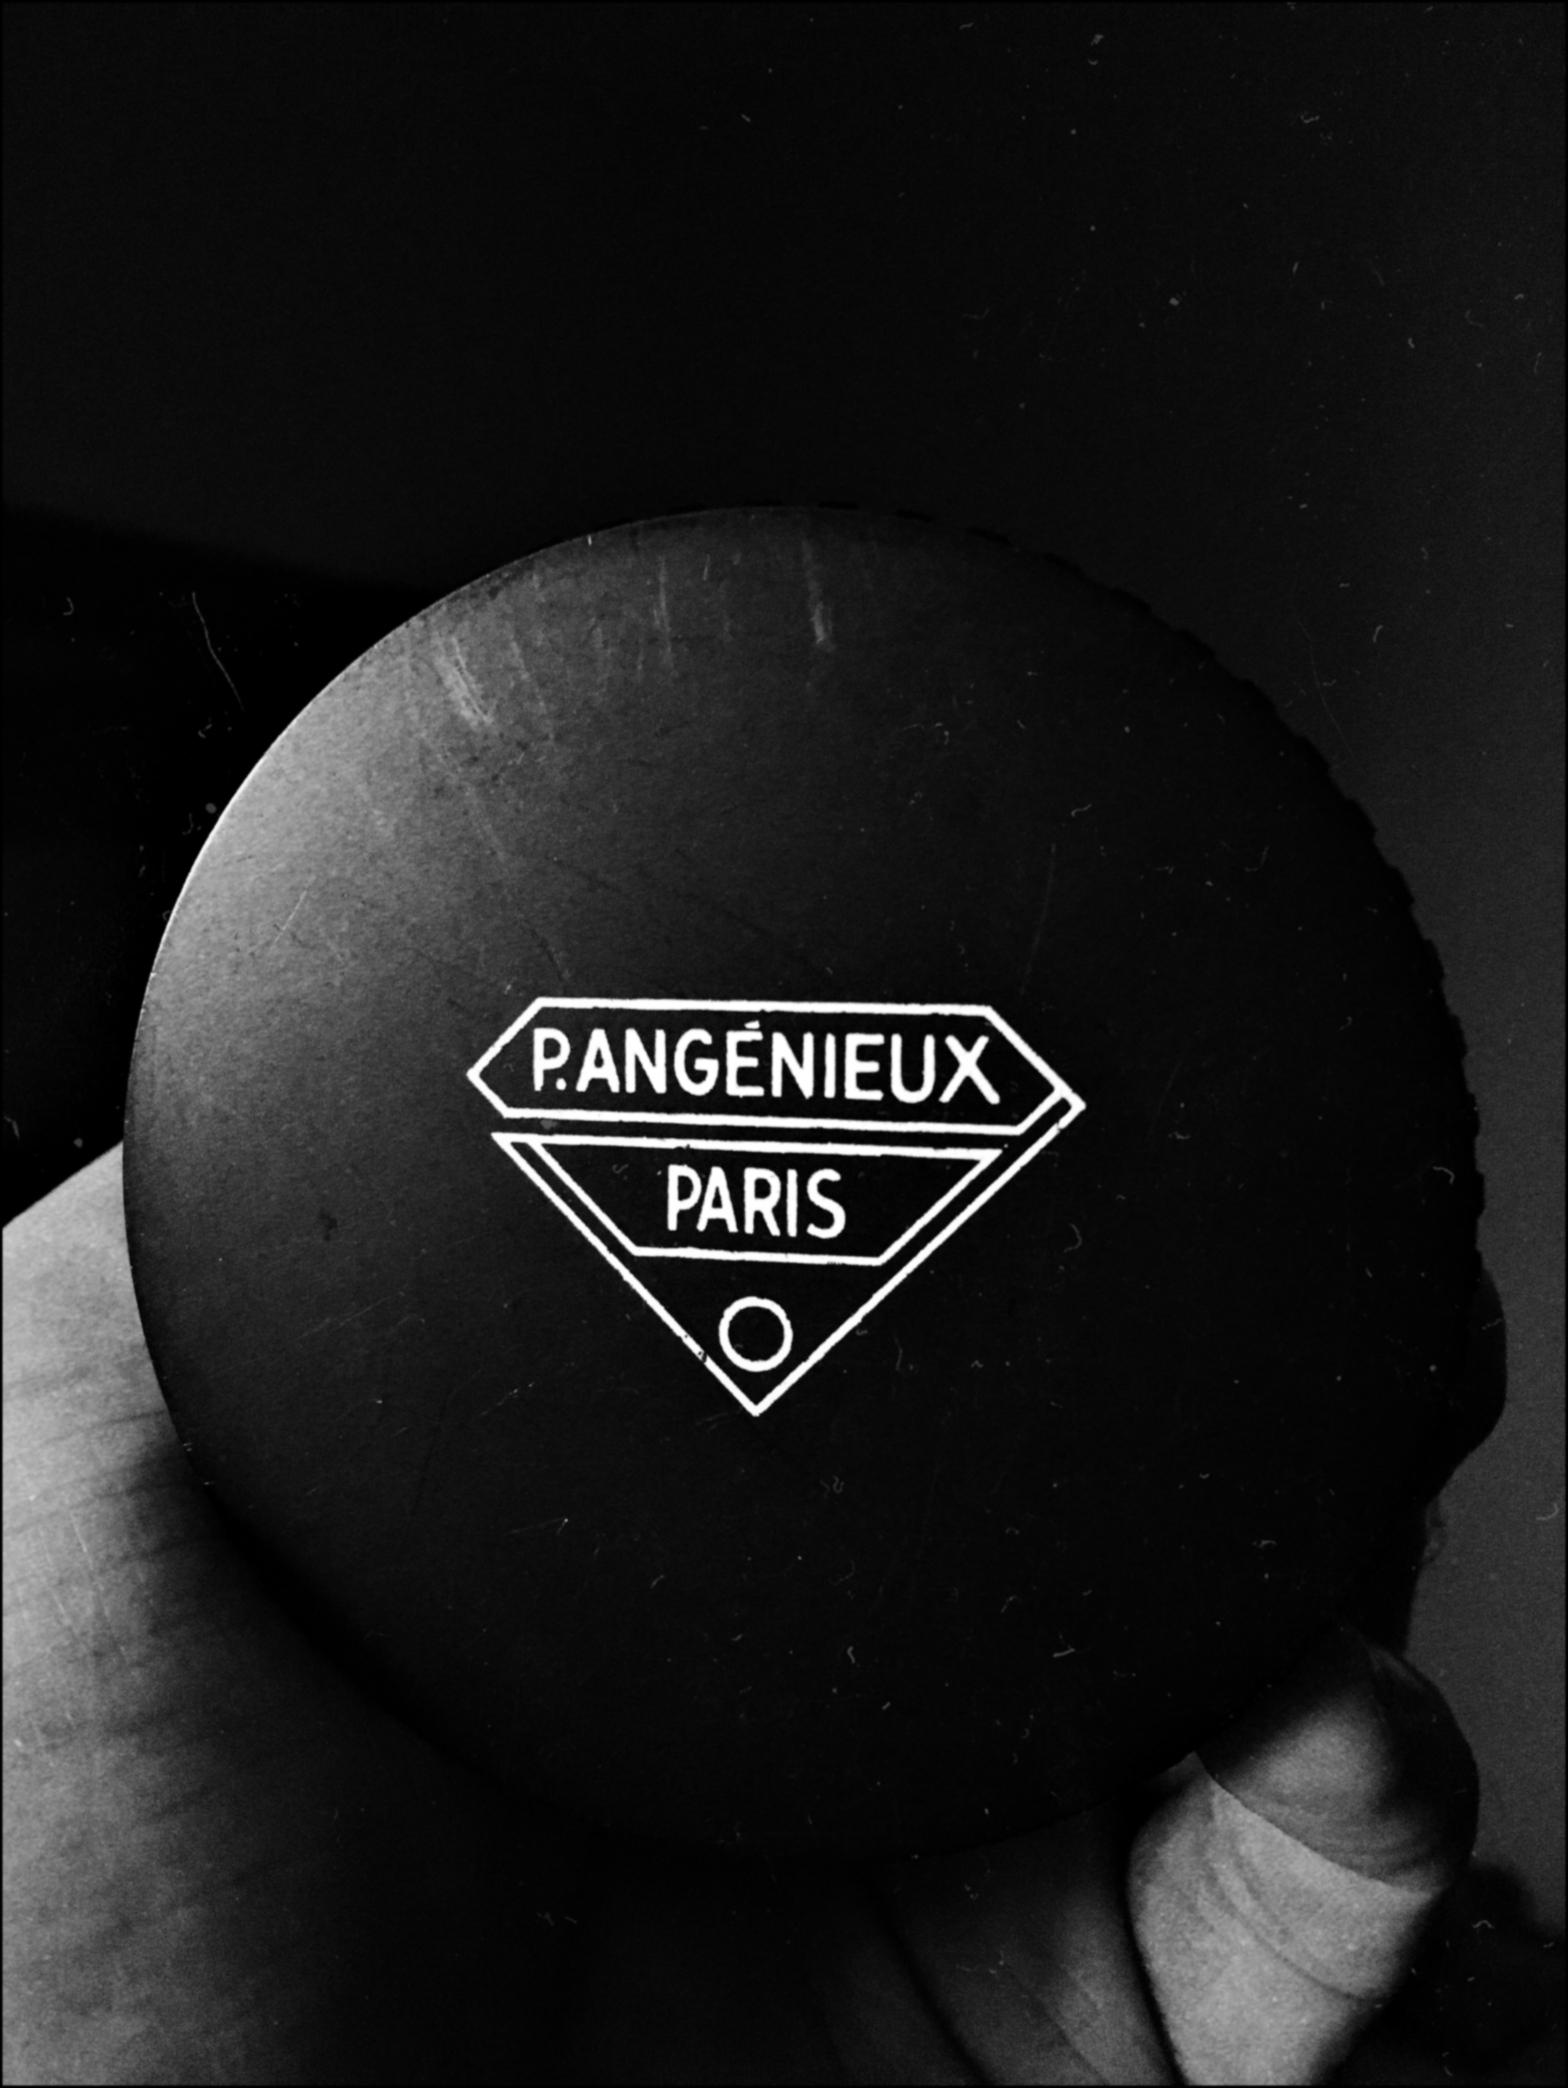 New lens — P. Angénieux Paris